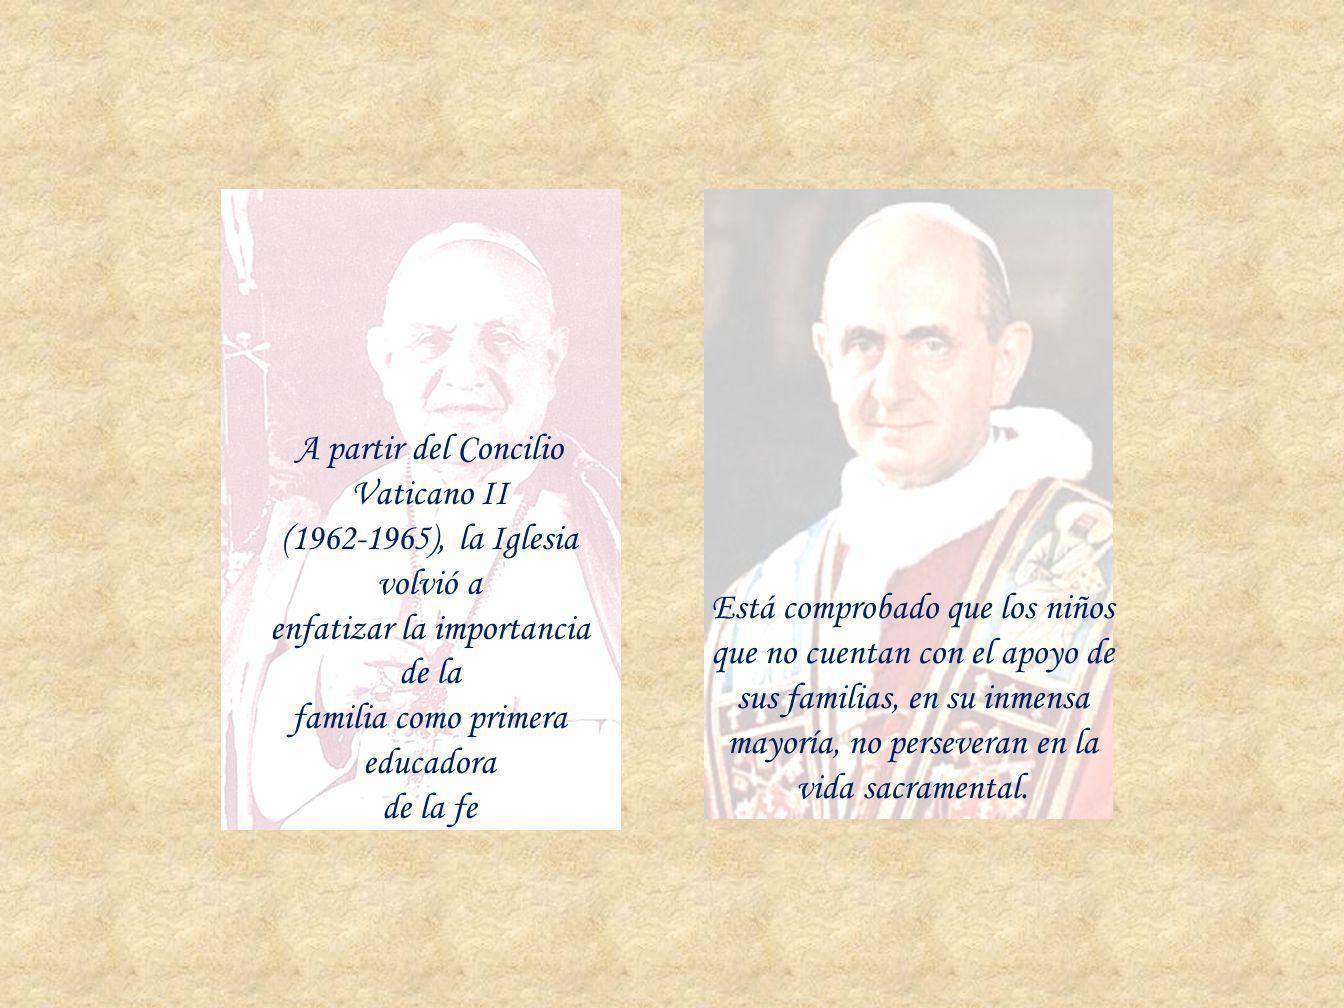 A partir del Concilio Vaticano II (1962-1965), la Iglesia volvió a enfatizar la importancia de la familia como primera educadora de la fe